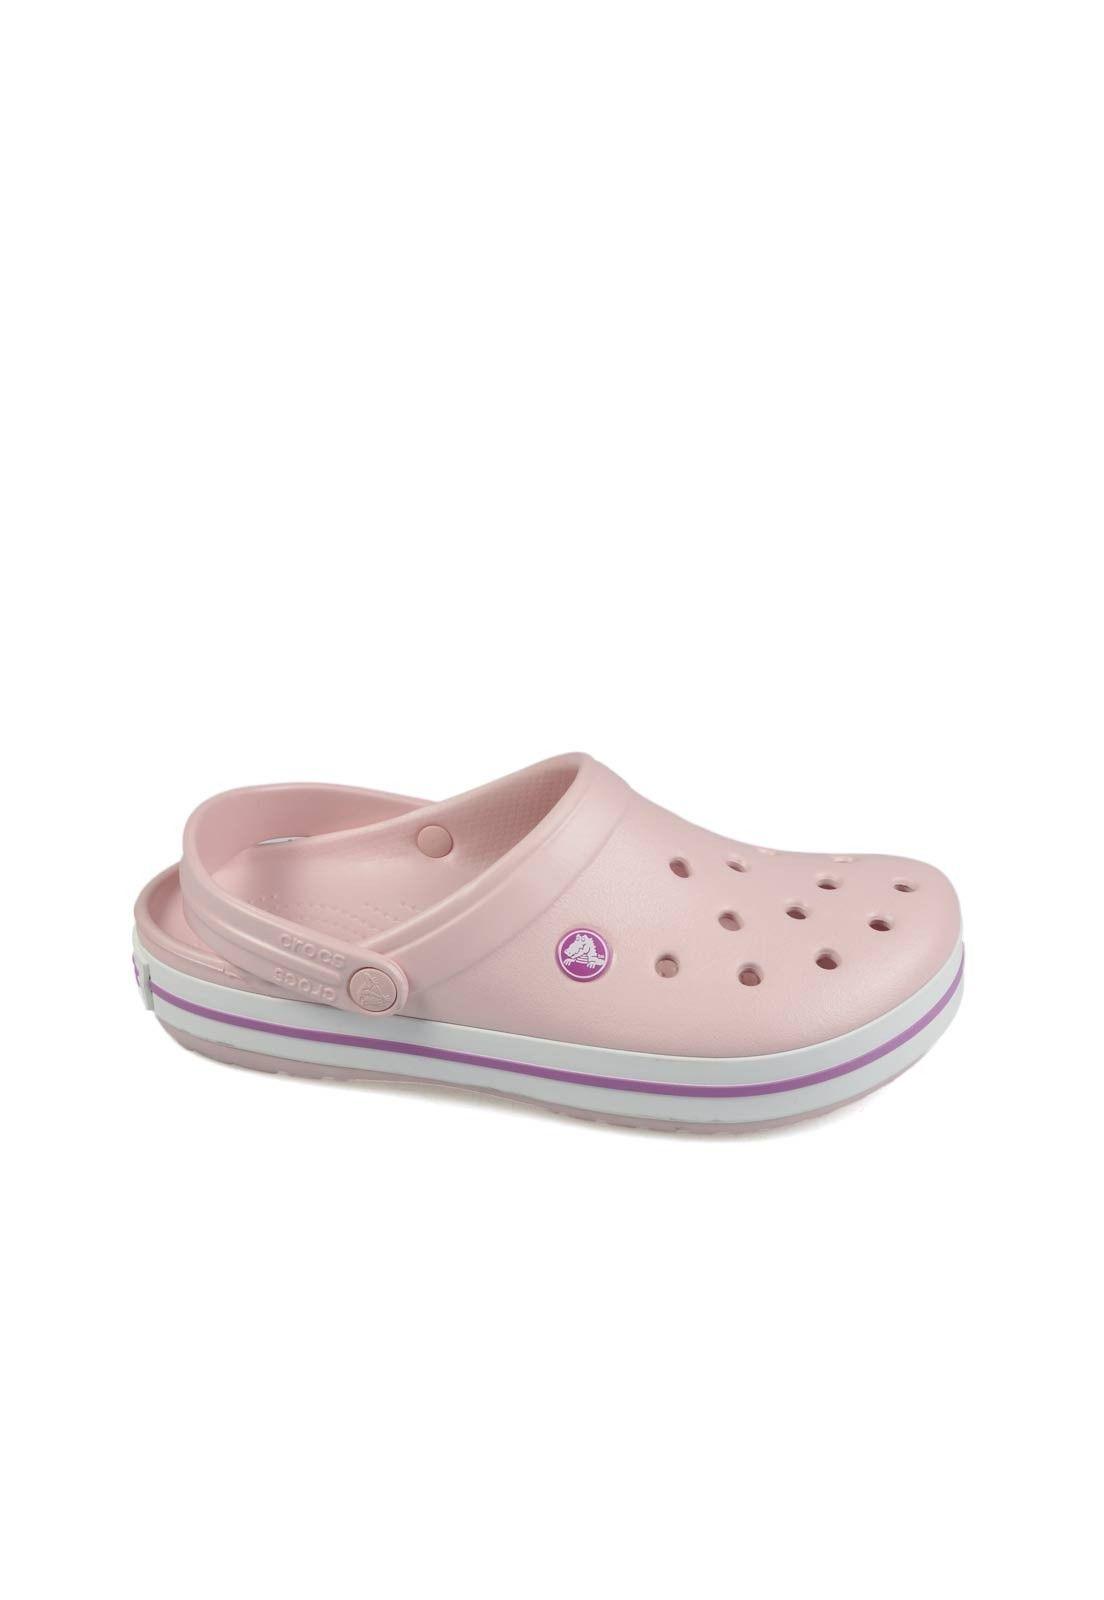 Zuecos Zapatillas y Botas Crocs Mujer · Deportes · El Corte